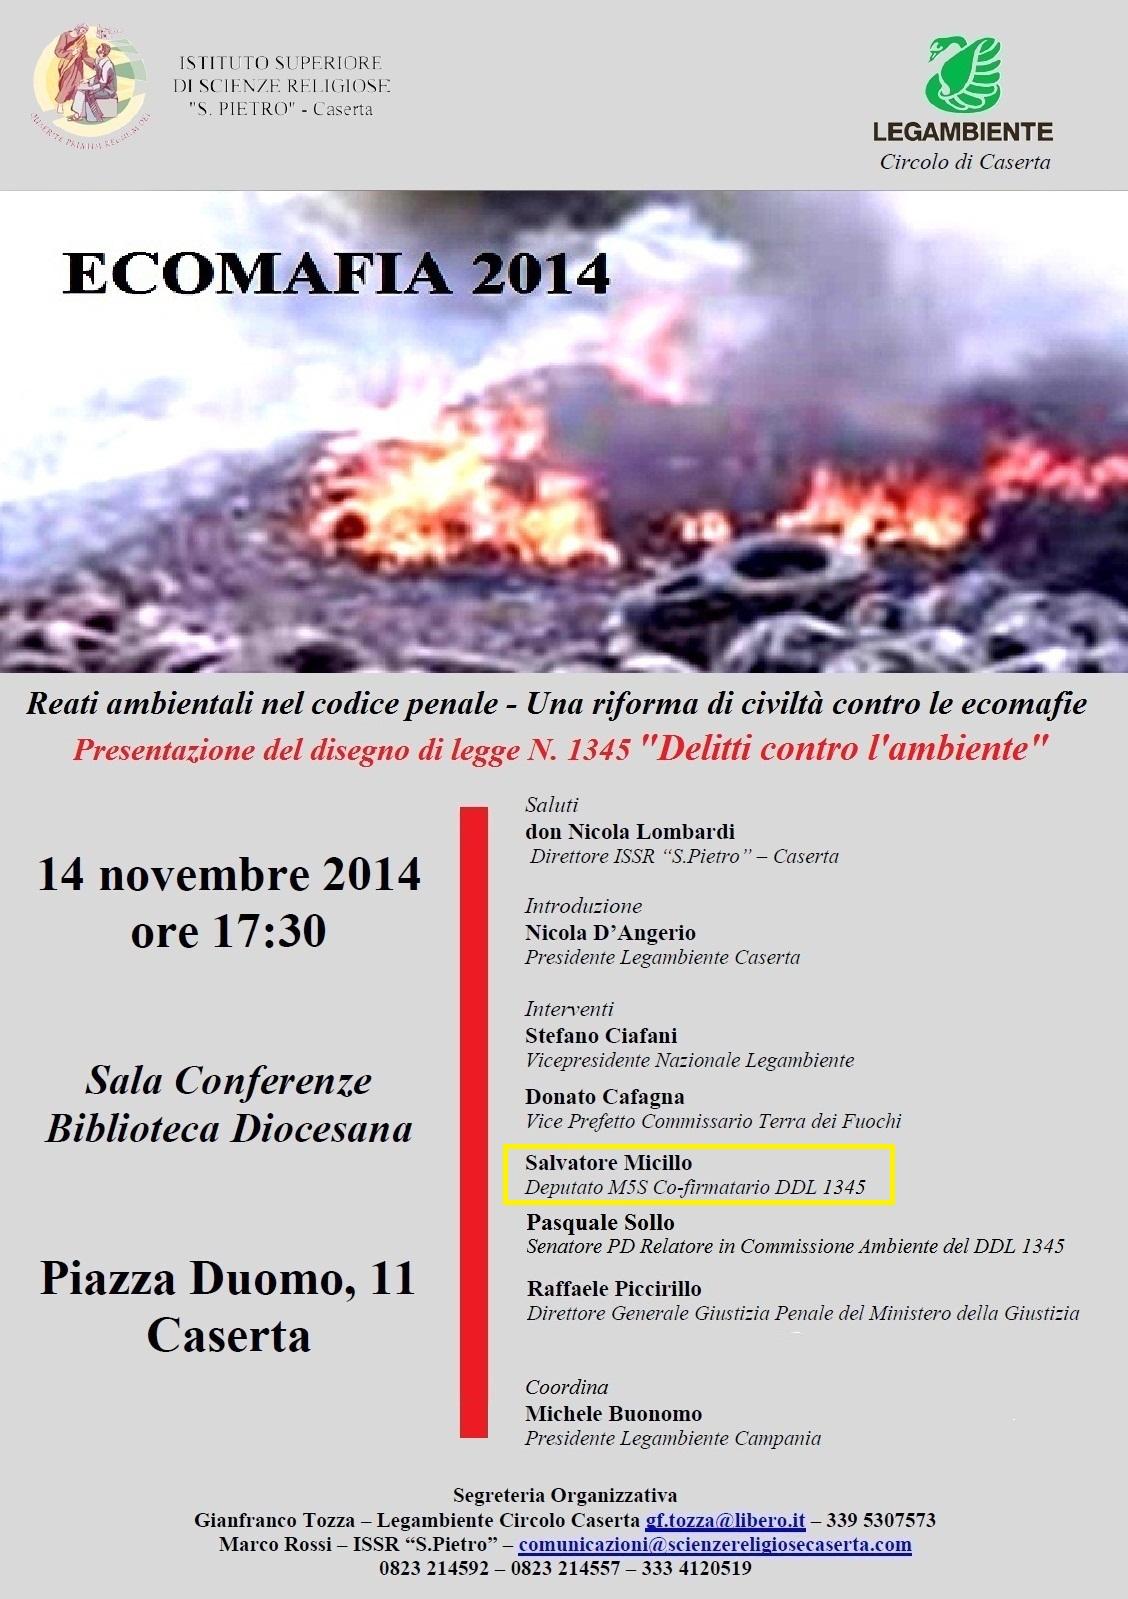 legambiente caserta rapporto ecomafia2014